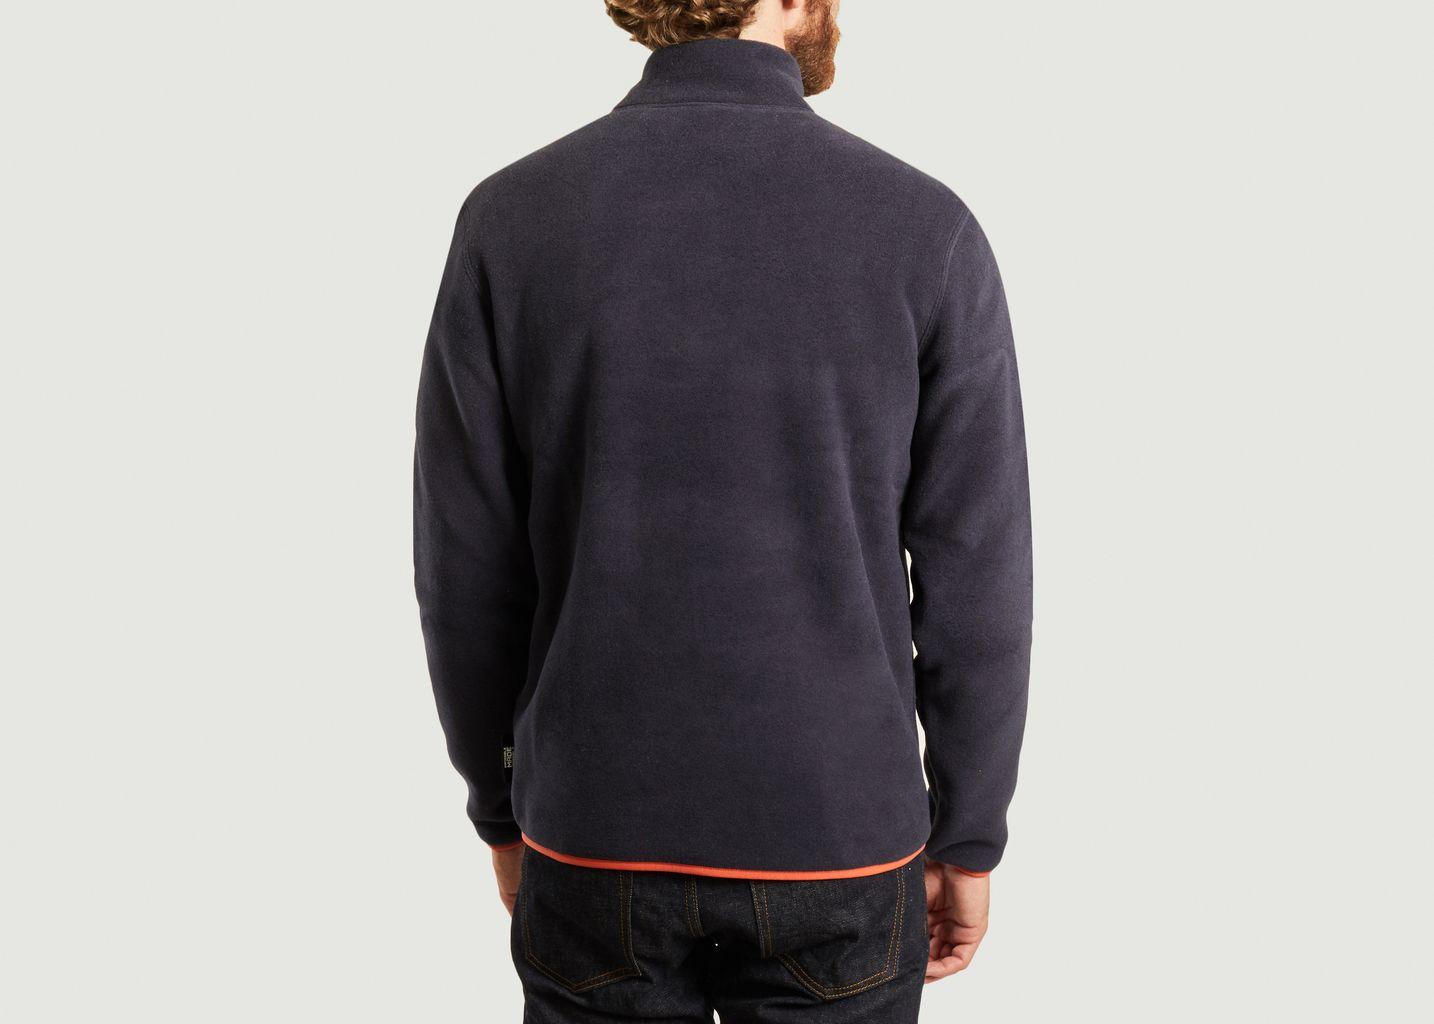 Sweatshirt polaire Polartec avec col montant zippé - Champion